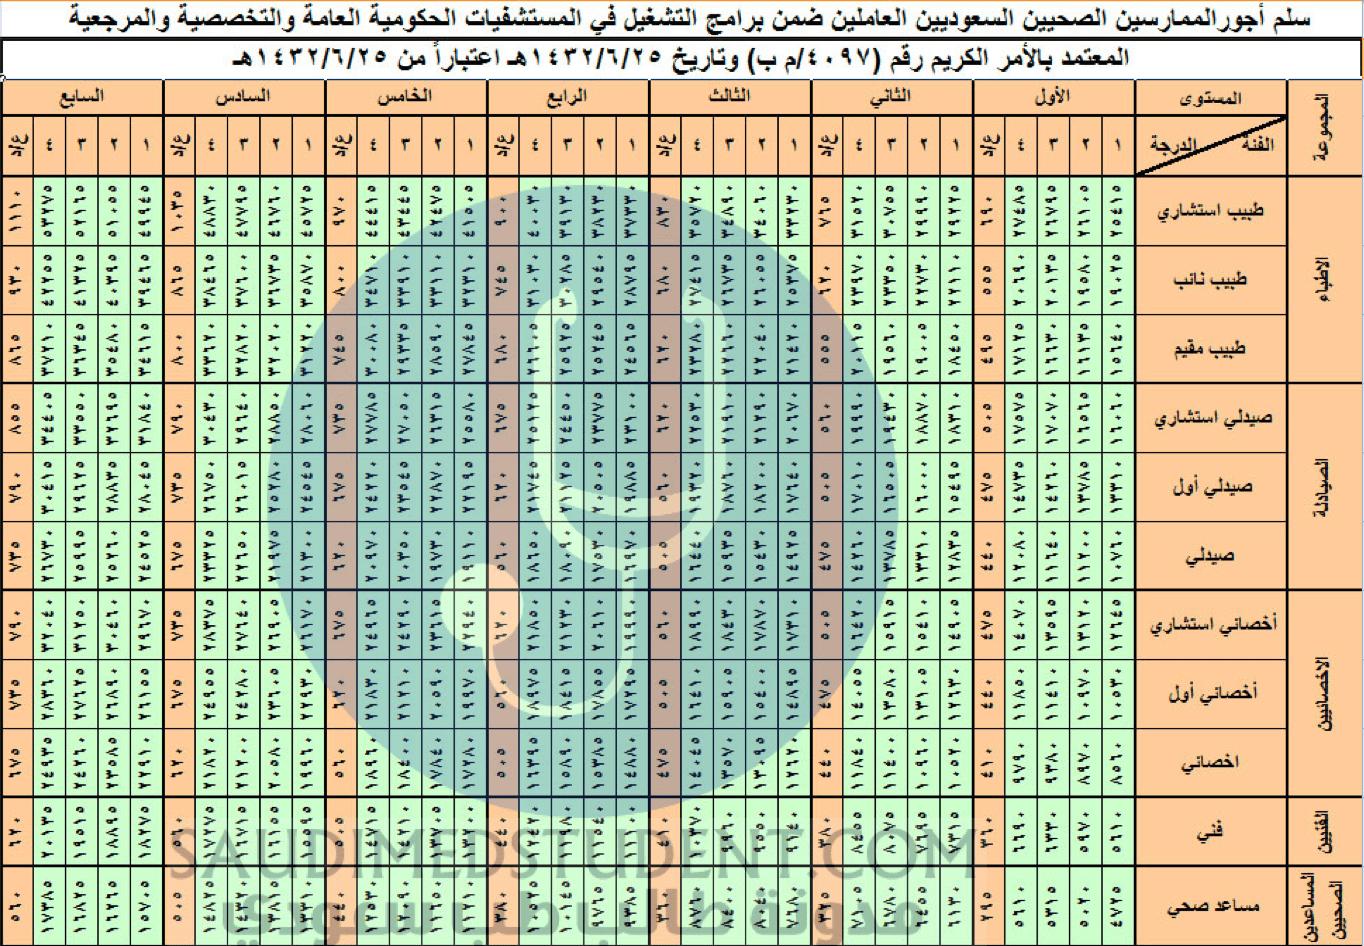 رواتب الأطباء في السعودية 2020 - 1441 Vs19